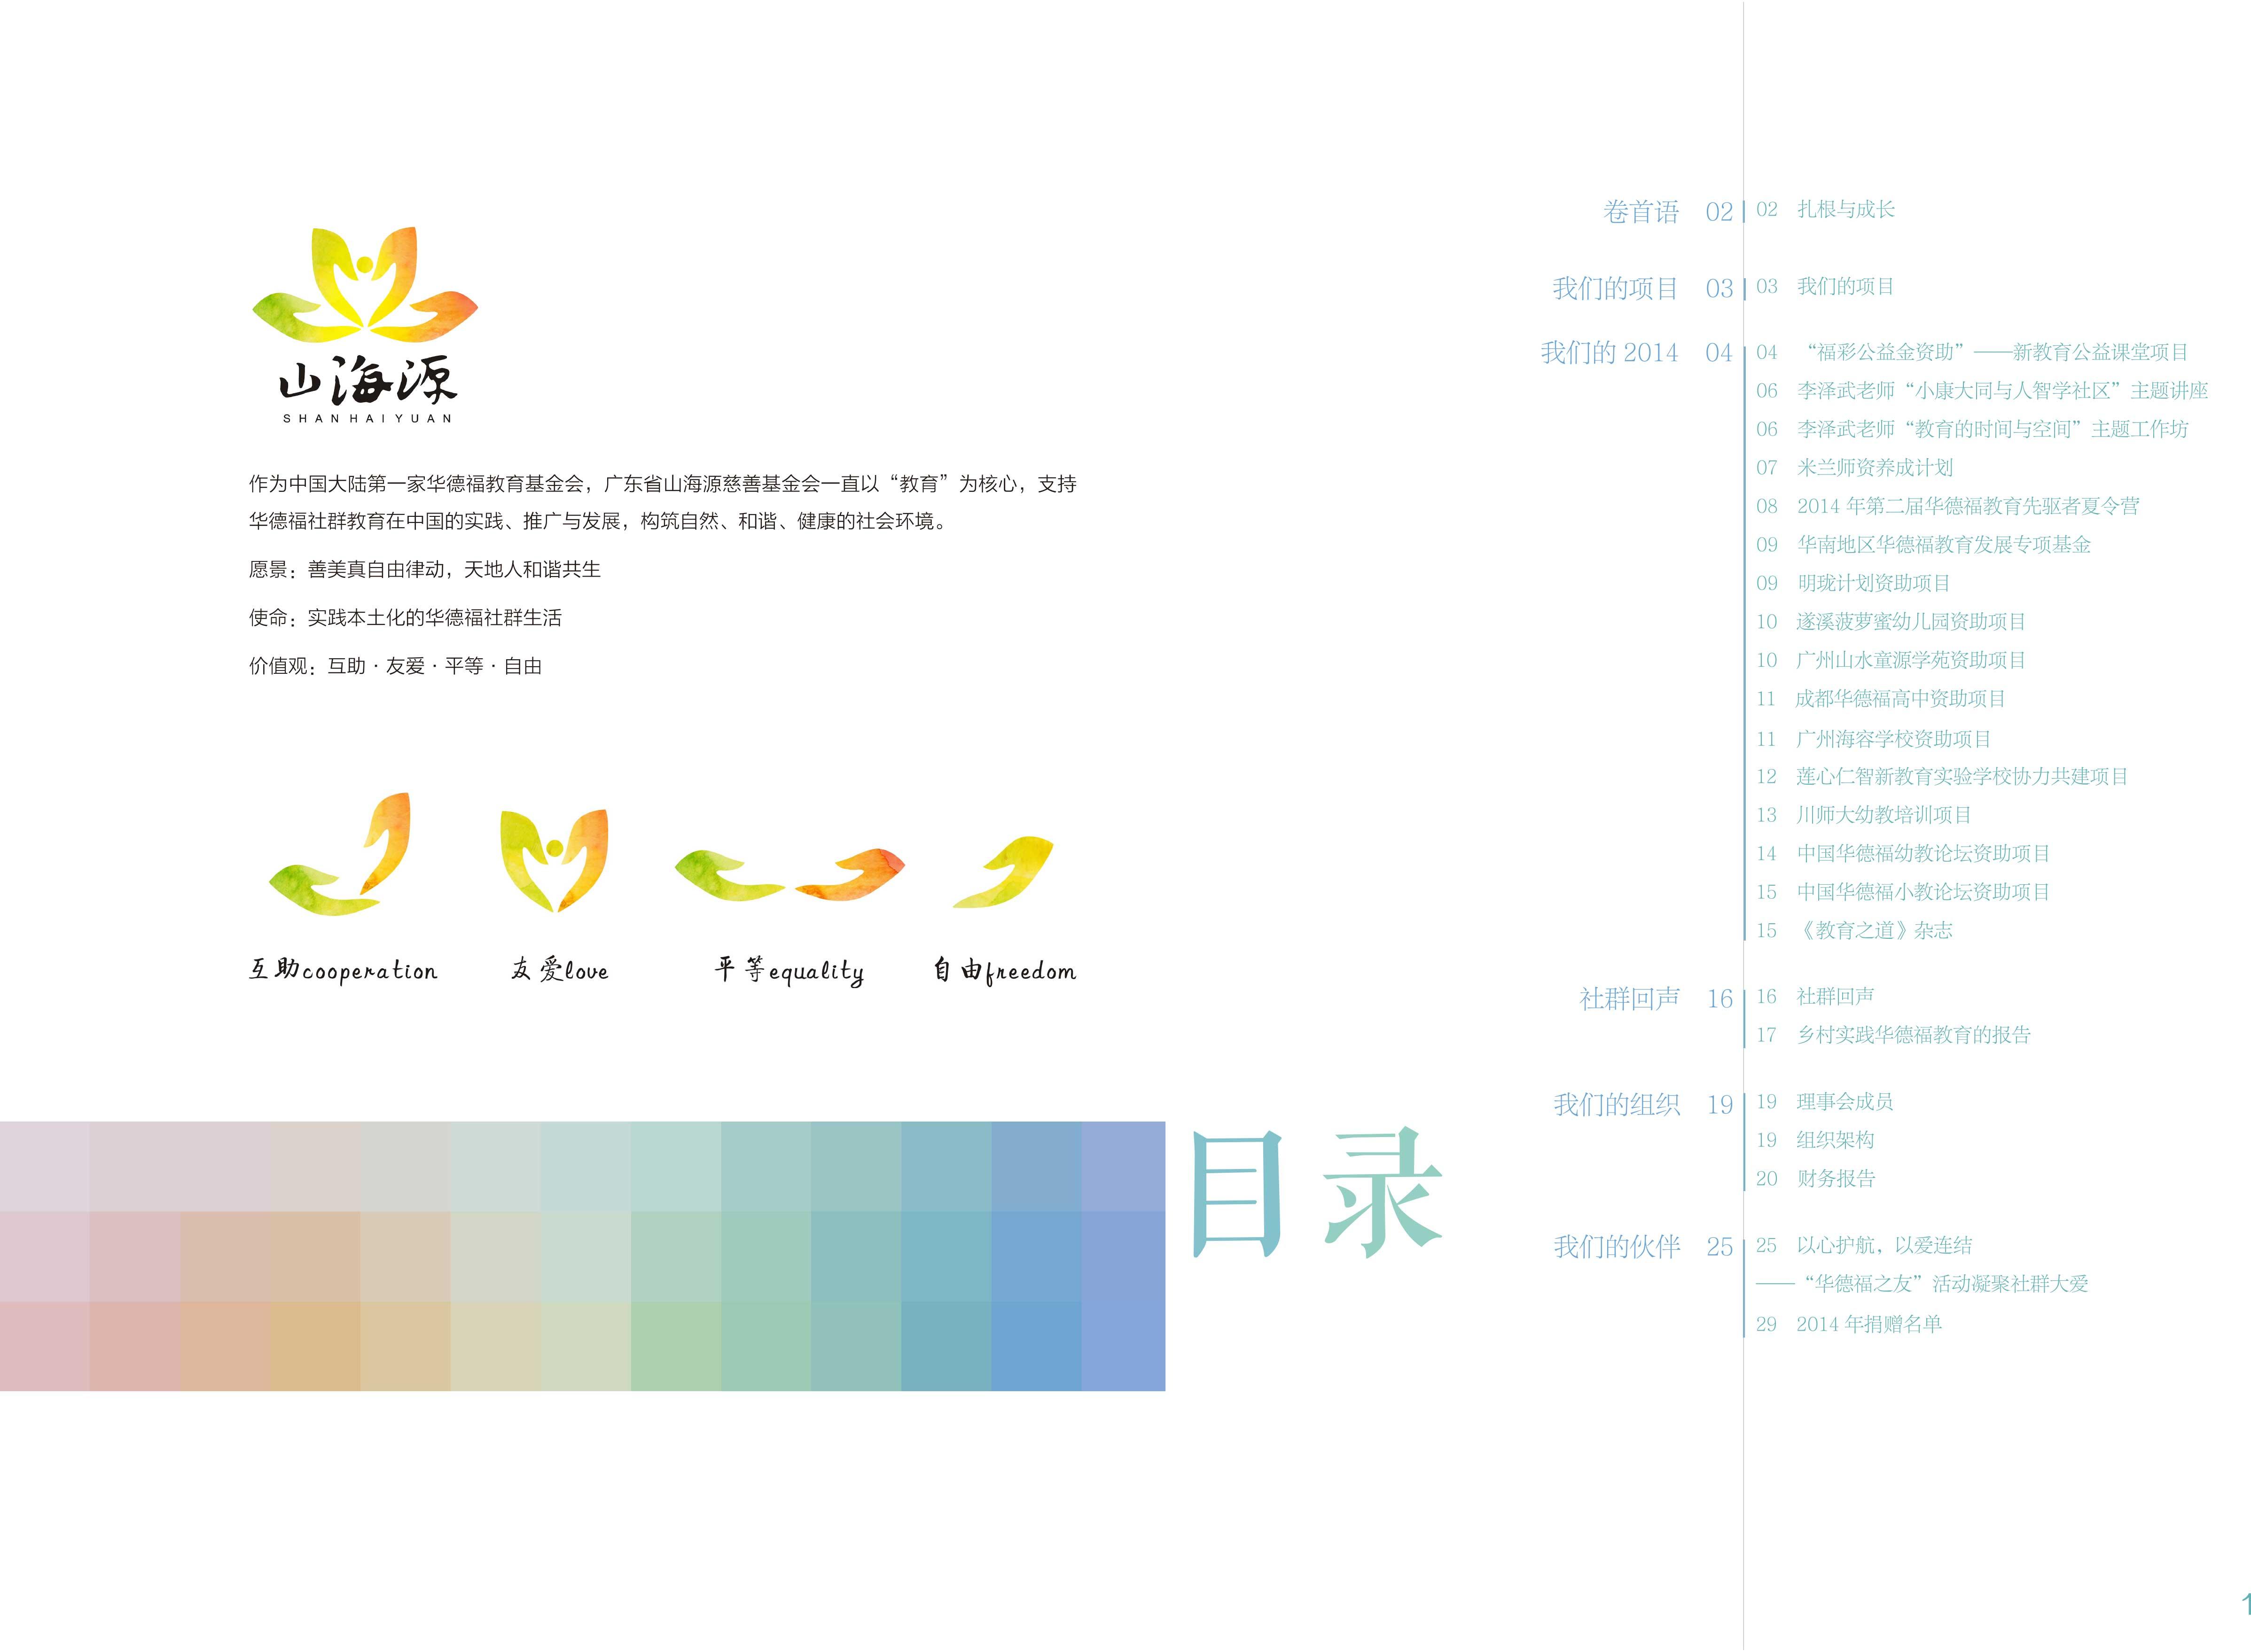 山海源慈善基金会2014年年报下载